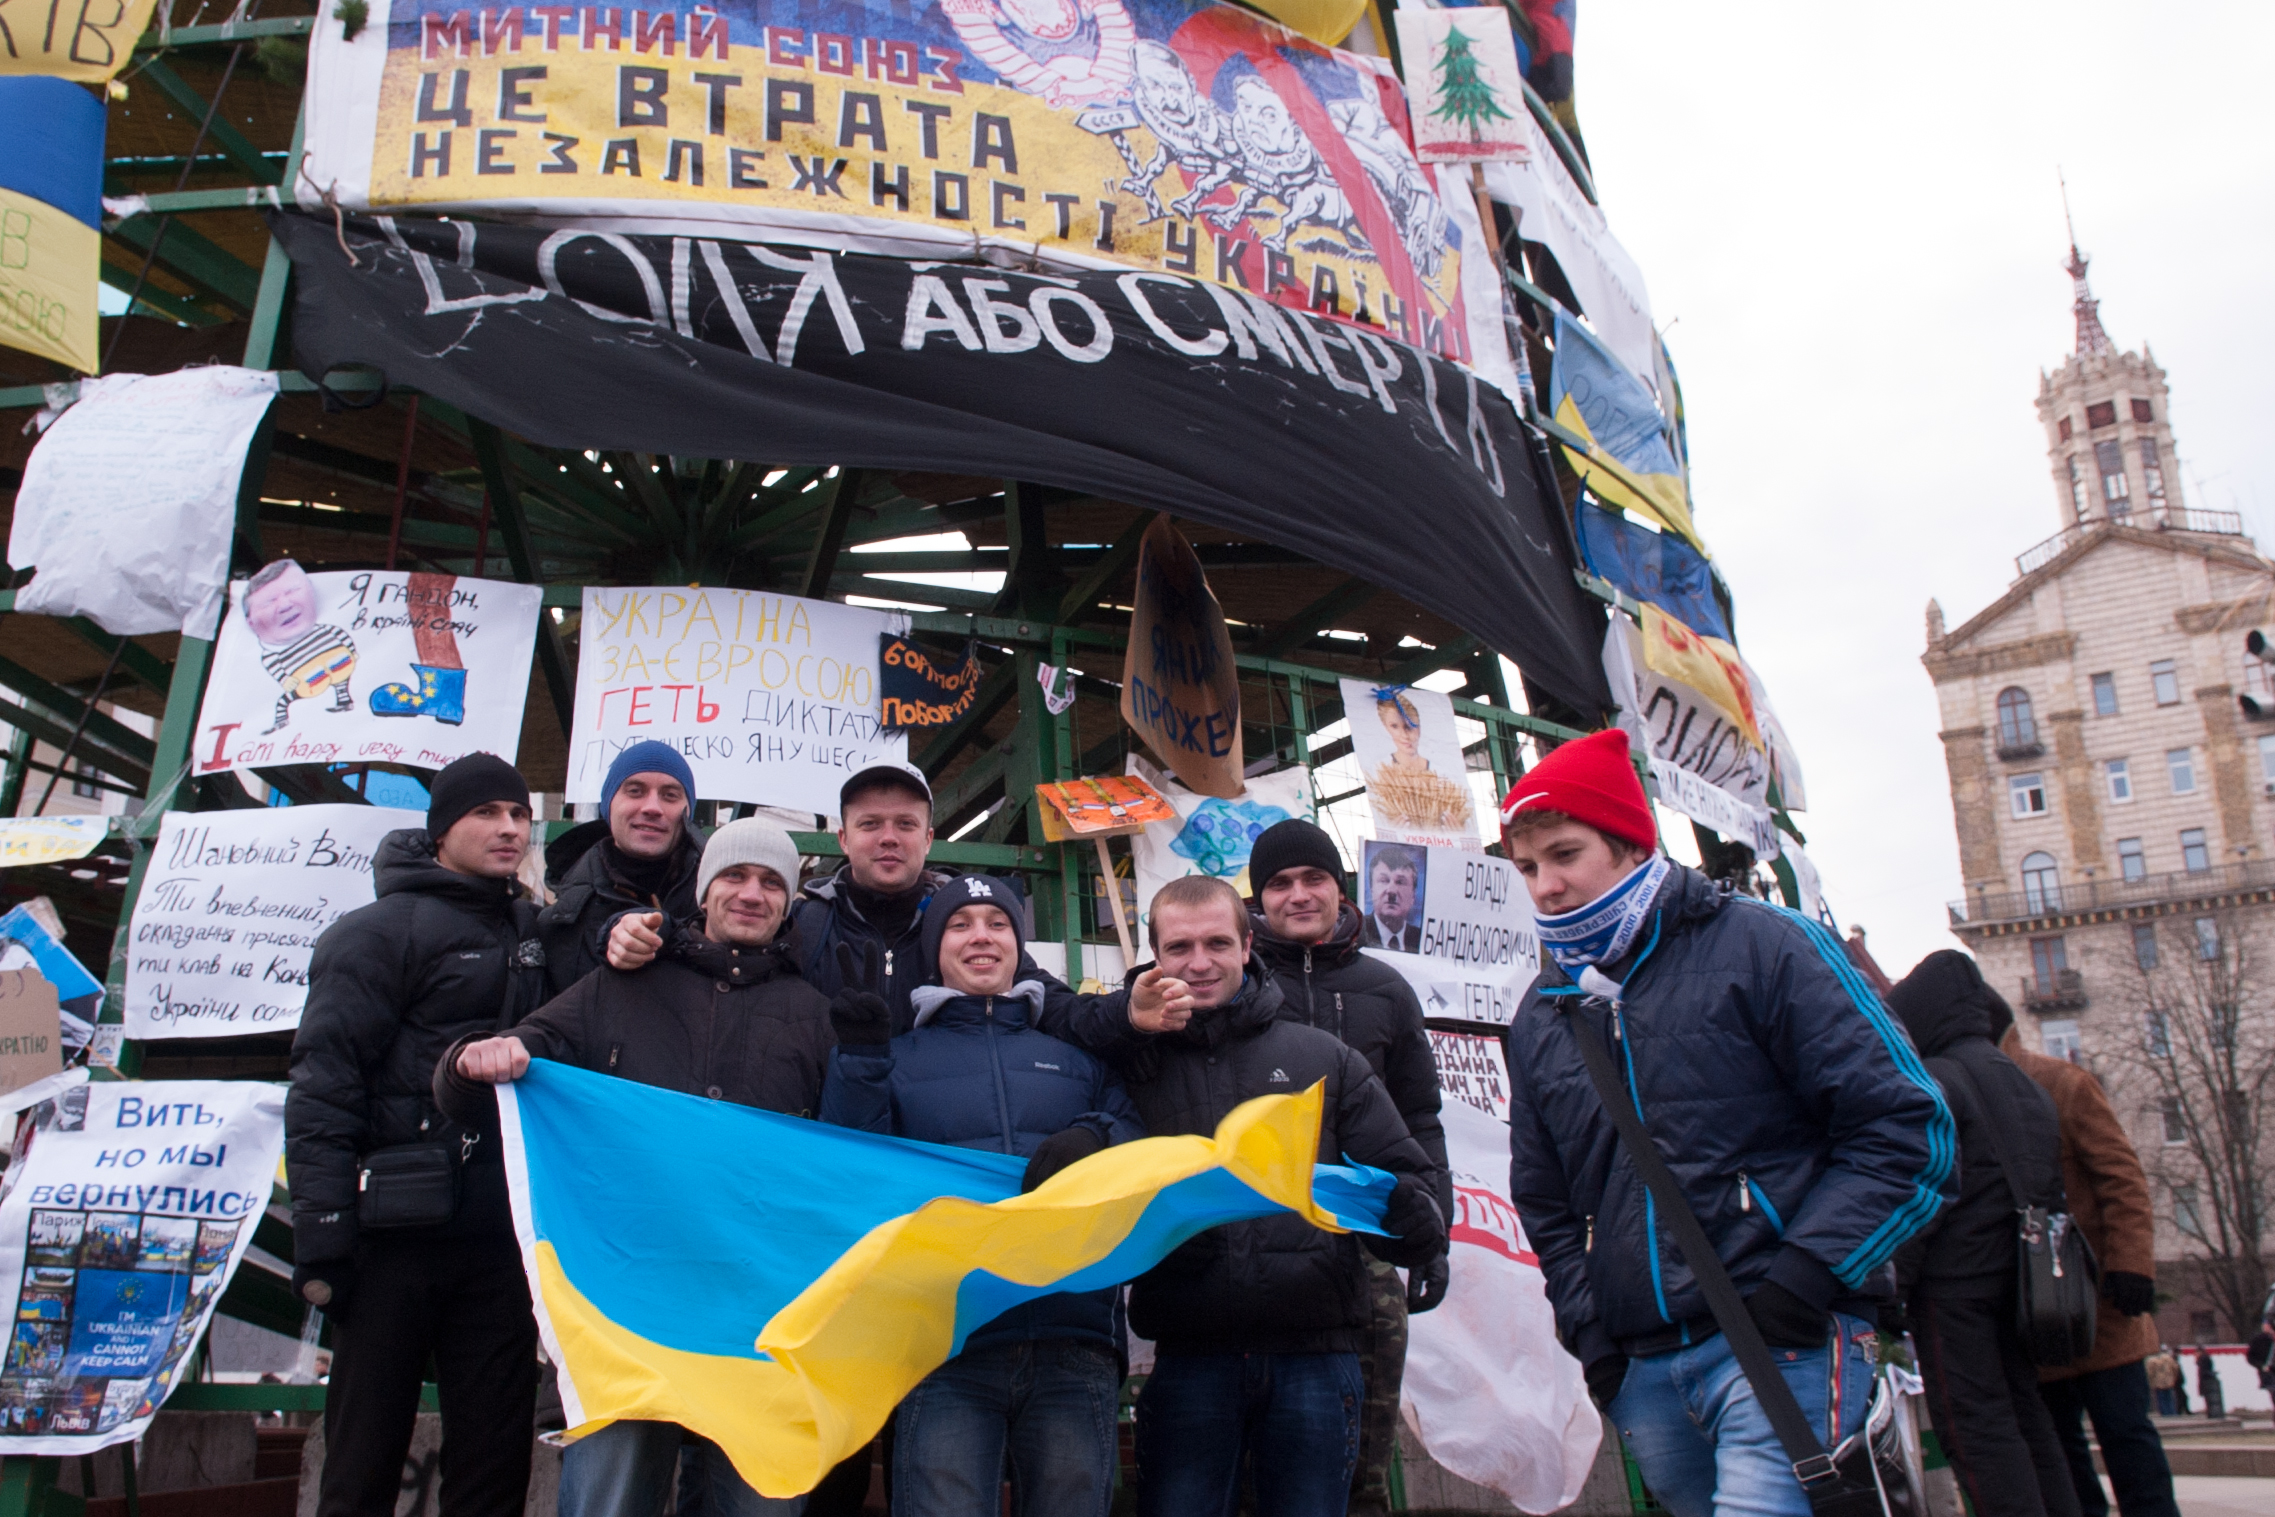 Студенты киевских вузов во время акции за дальнейшую интеграцию Украины в Евросоюз на площади Независимости в Киеве